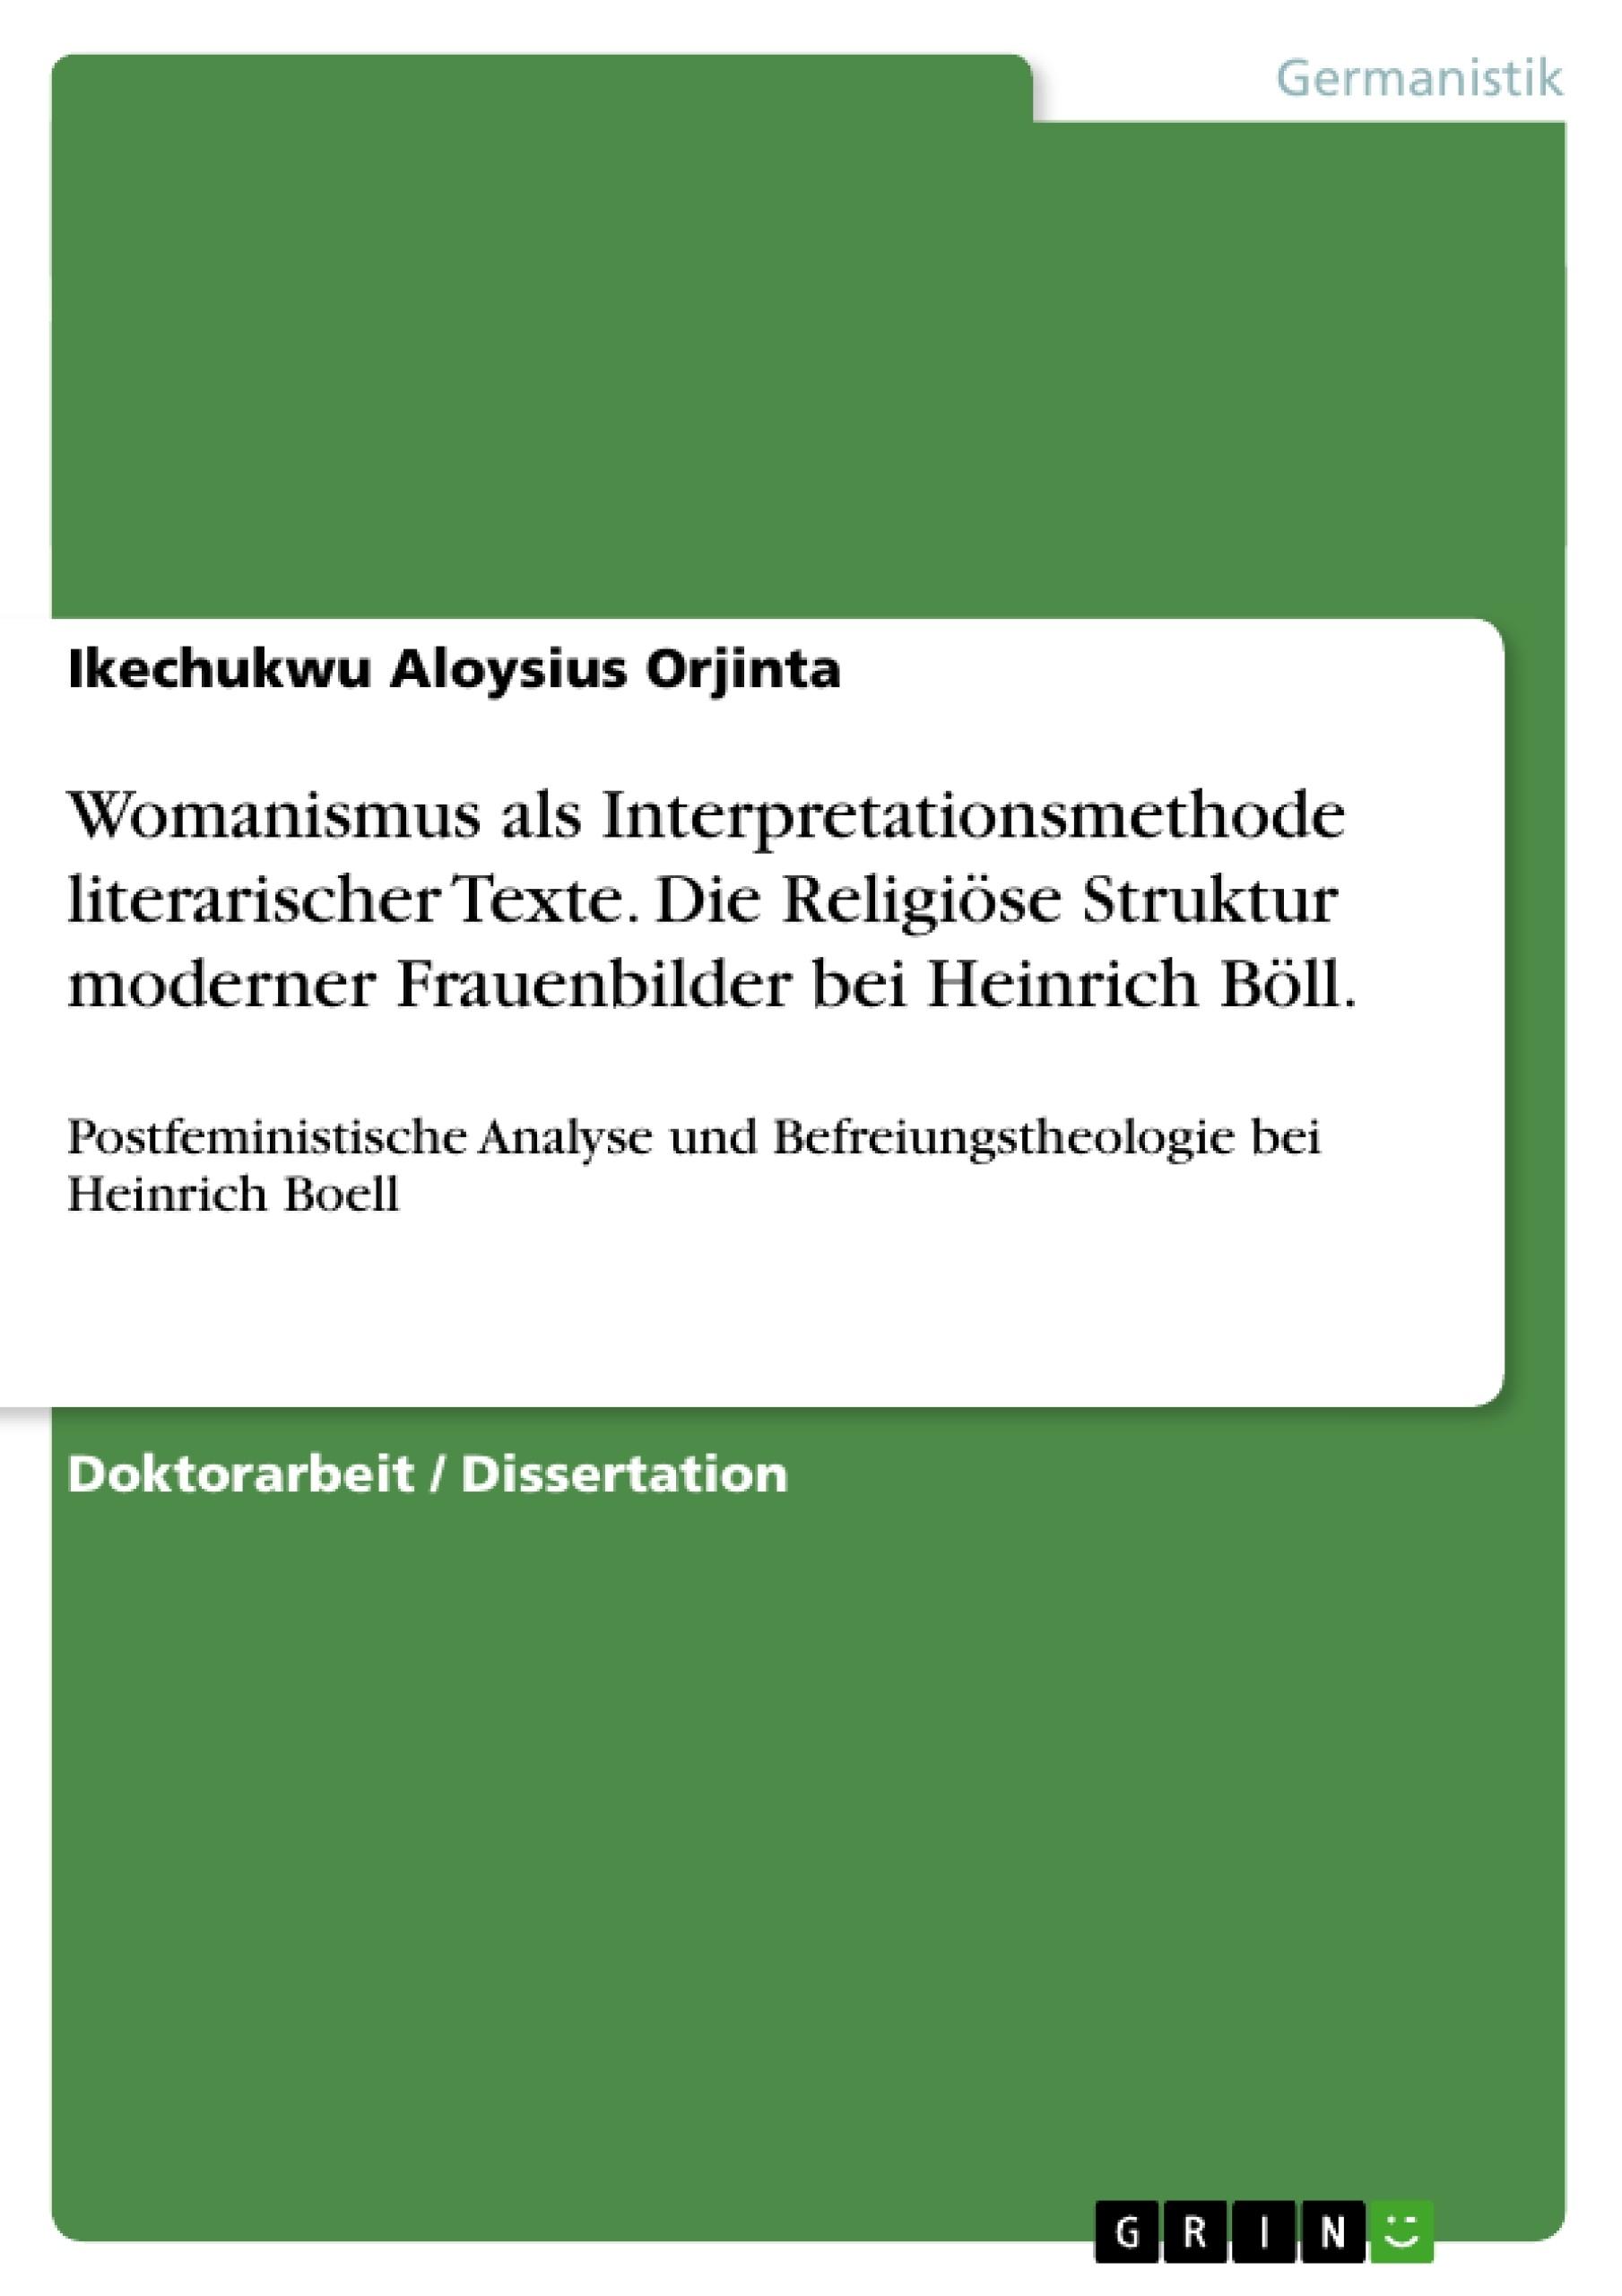 Titel: Womanismus als Interpretationsmethode literarischer Texte. Die Religiöse Struktur moderner Frauenbilder bei Heinrich Böll.